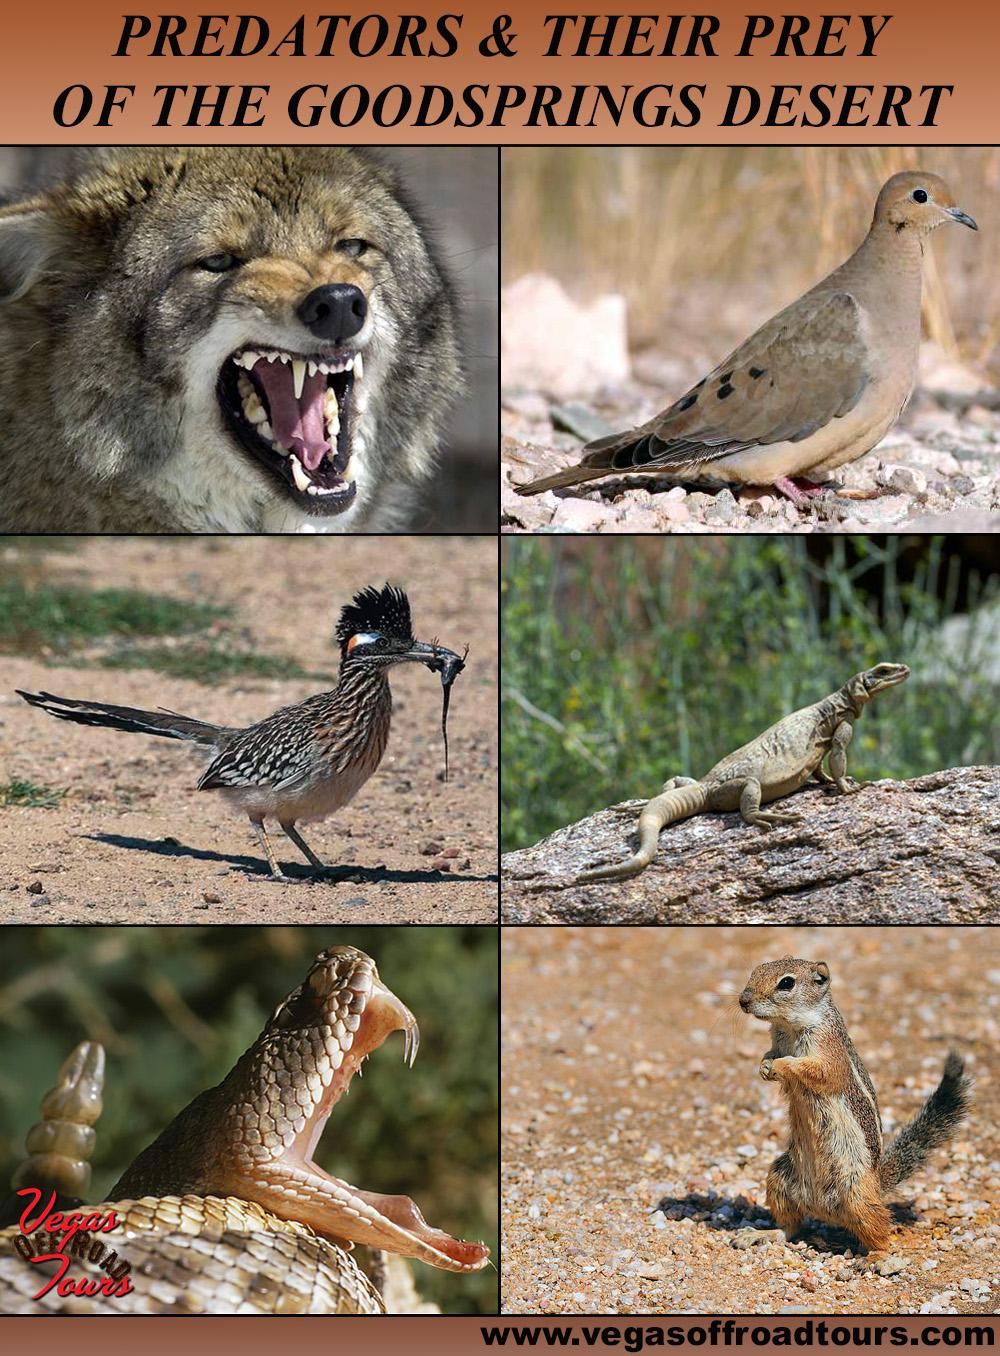 Predation Desert Goodsprings Desert Predators